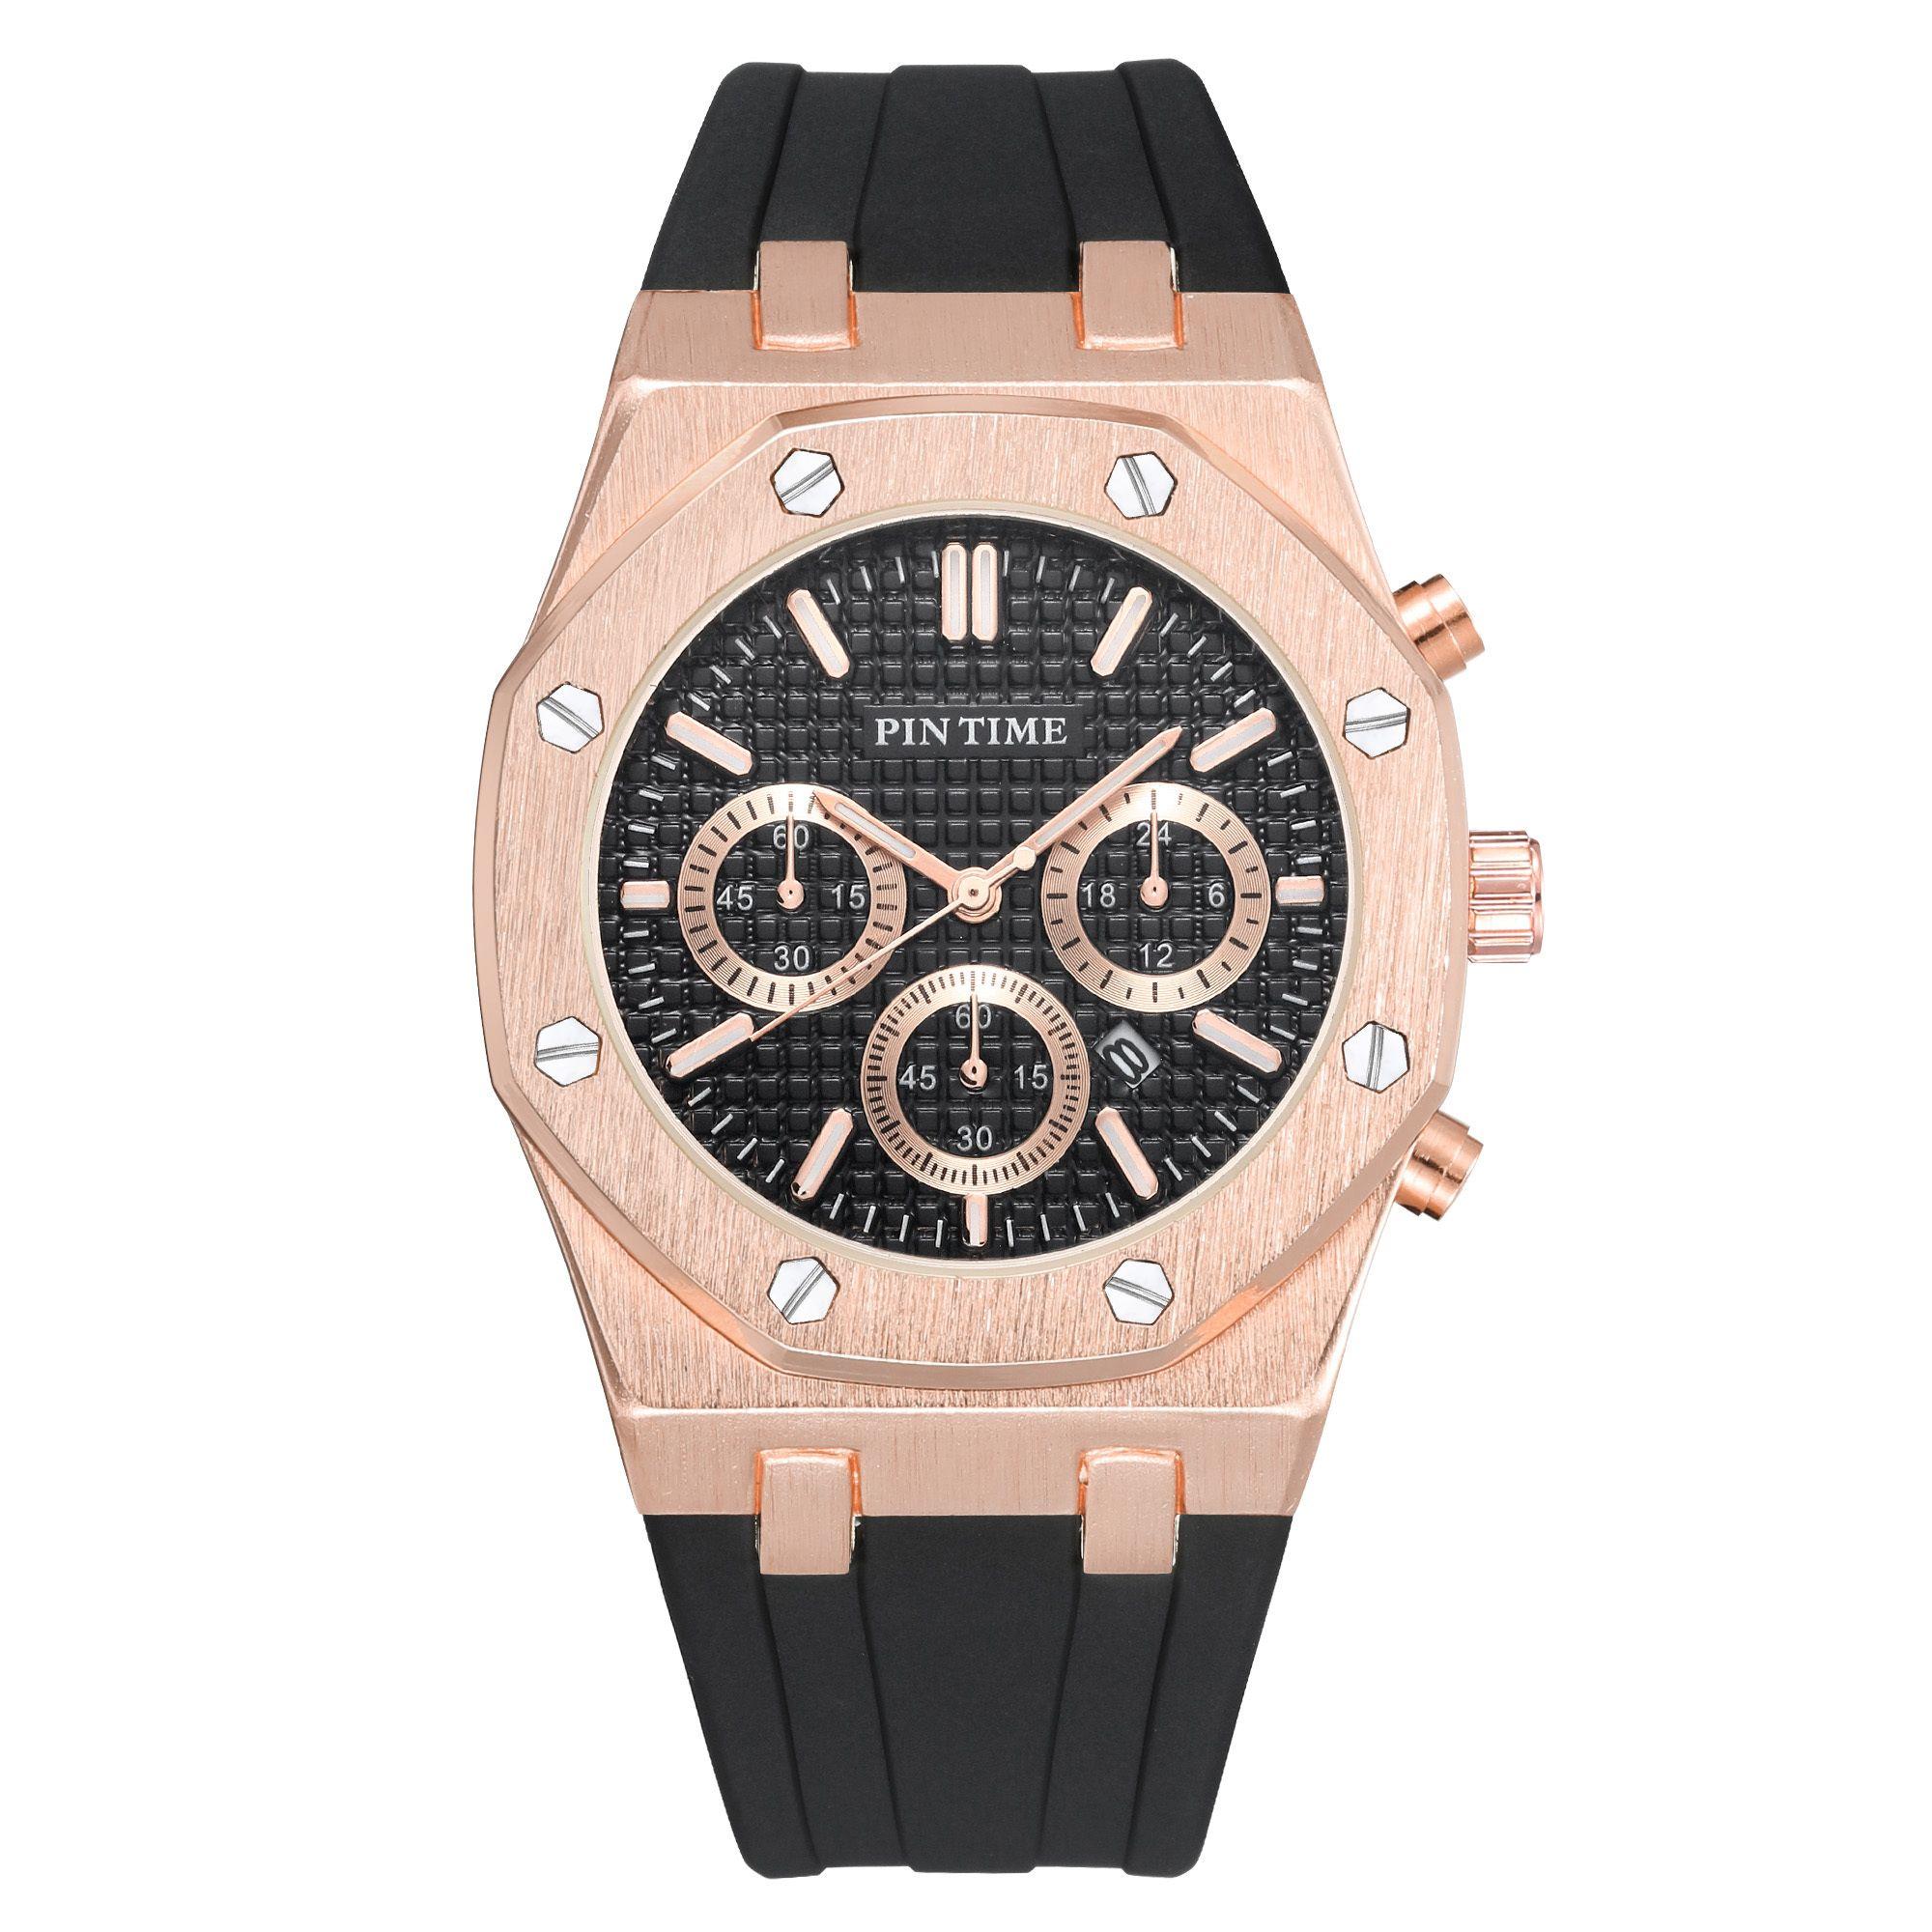 Pintime Силиконовые Мужские Часы Верх Лучший Бренд Роскошные Кварцевые Часы Календарь Военные Часы Мужчины Спорт Наручные Часы Relogio Masculino Relojes 210310